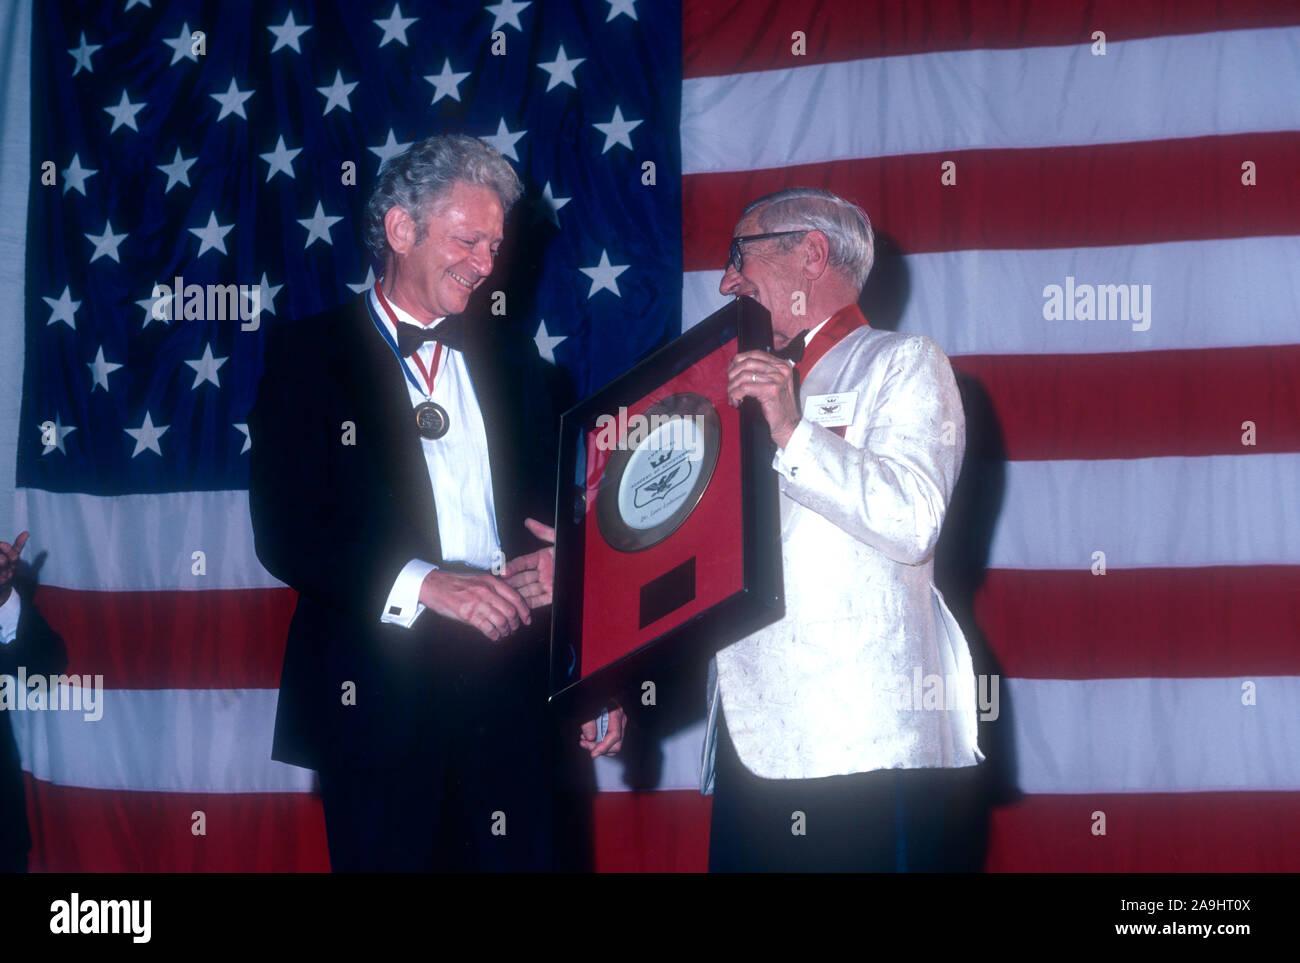 NEW ORLEANS, LA - 24 de junio: El Dr. León M. Lederman recibe una placa dorada del Dr. Lee DuBridge para 'El Premio Nobel de Física por ' durante el 1982 la Academia de Logros Premios placa de oro el 24 de junio de 1982 en Nueva Orleans, Luisiana. (Foto por Hy Peskin) Foto de stock